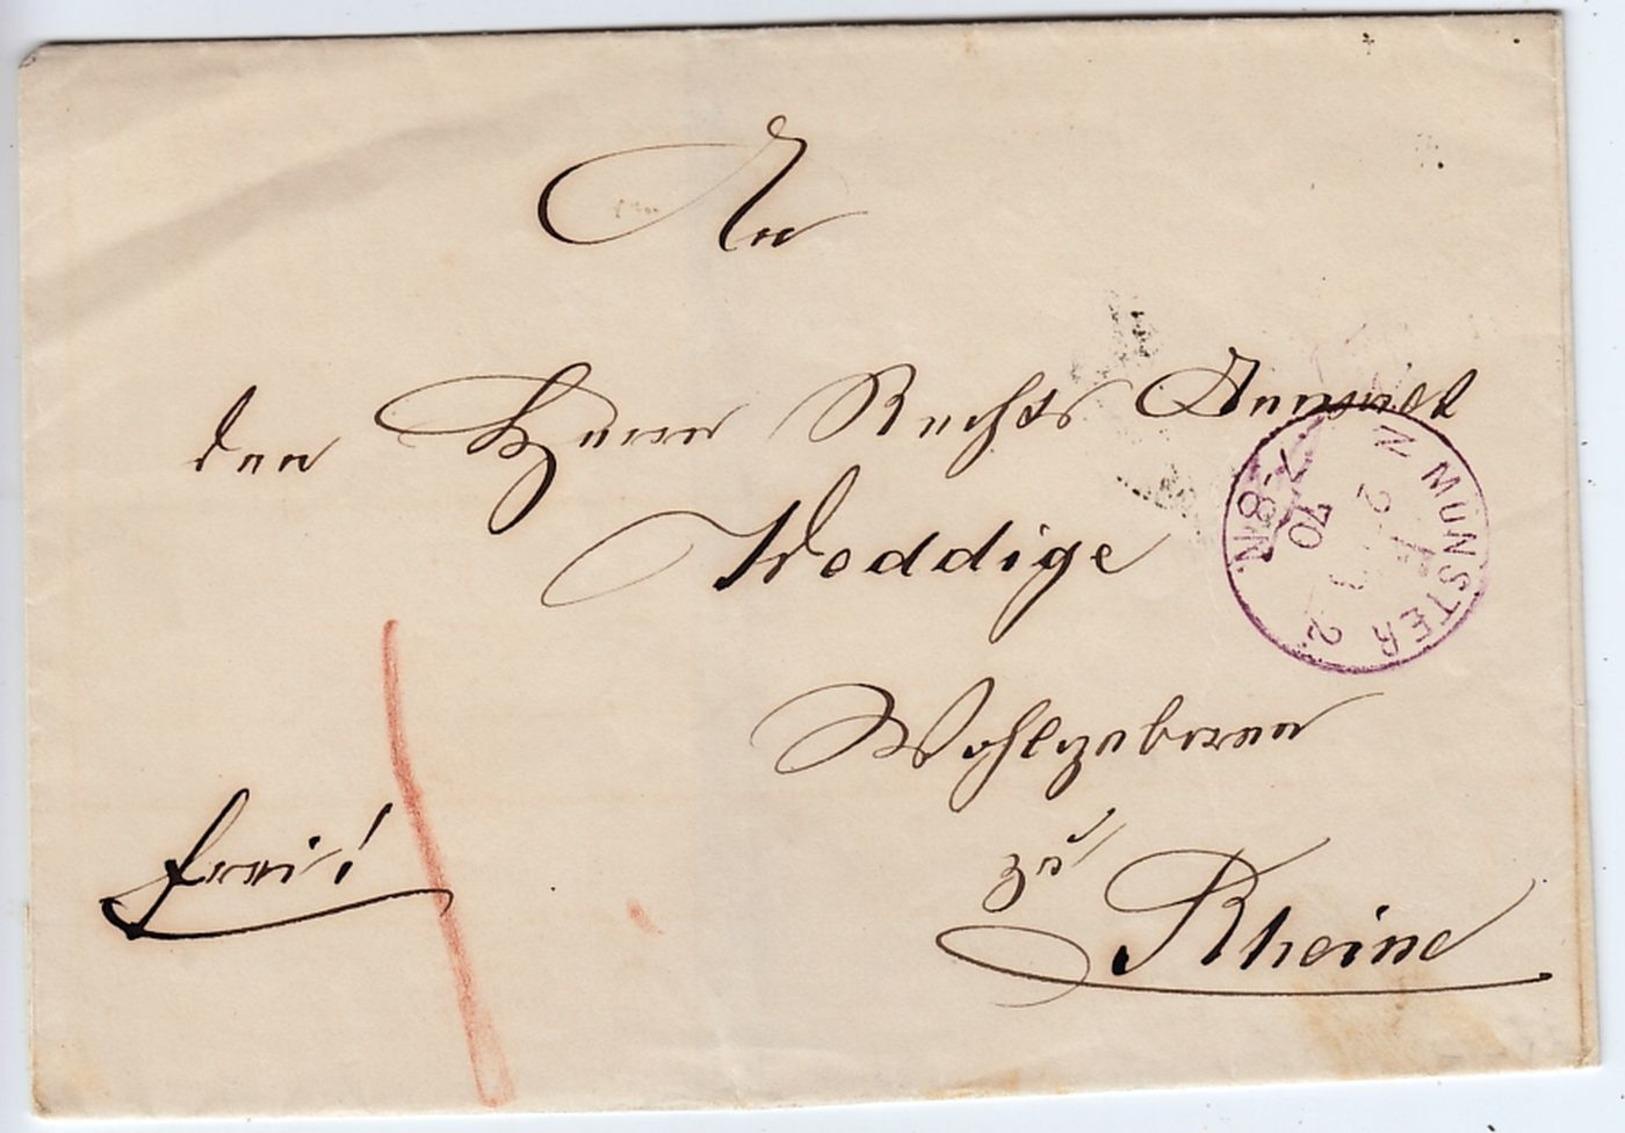 Francostempel Münster In Violett Auf Brief Nach Rheine 1870 - Norddeutscher Postbezirk